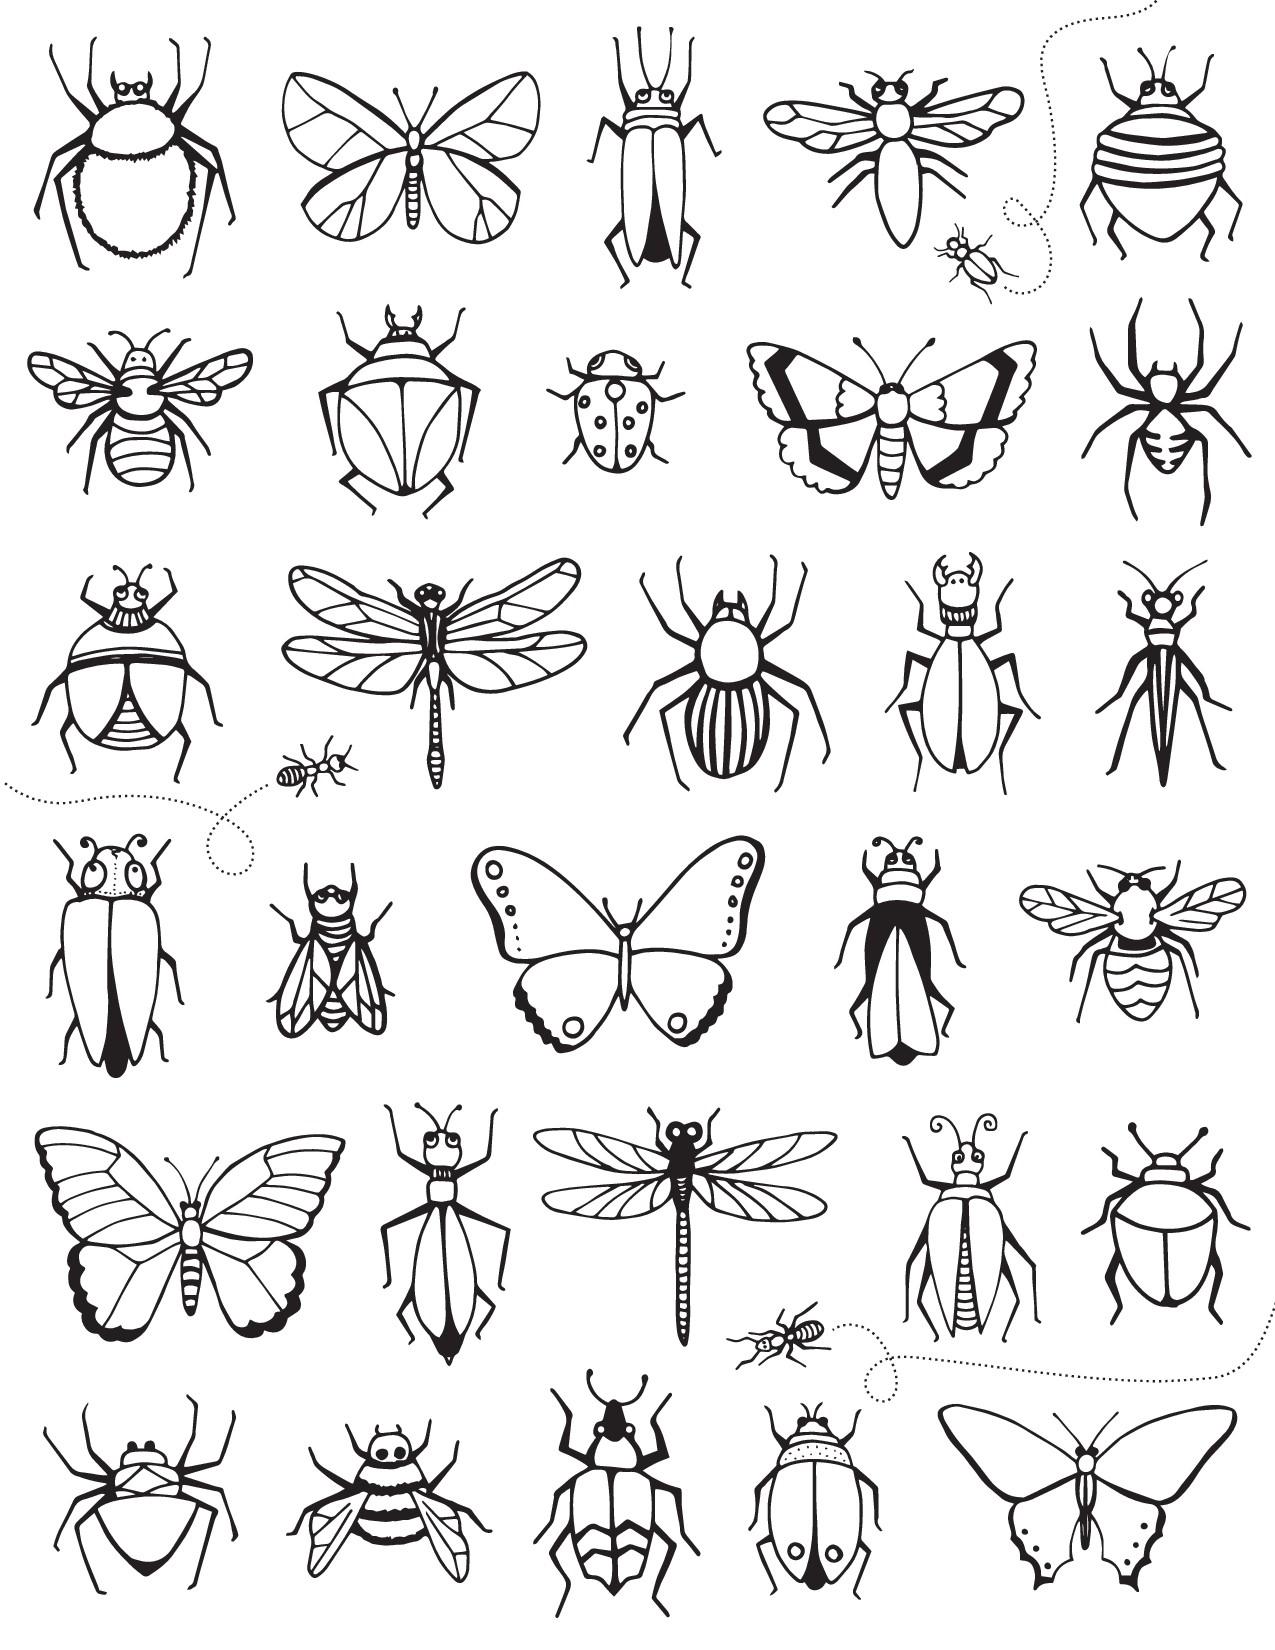 Много разных насекомых - бабочки, жуки, кузнечики, пауки ...